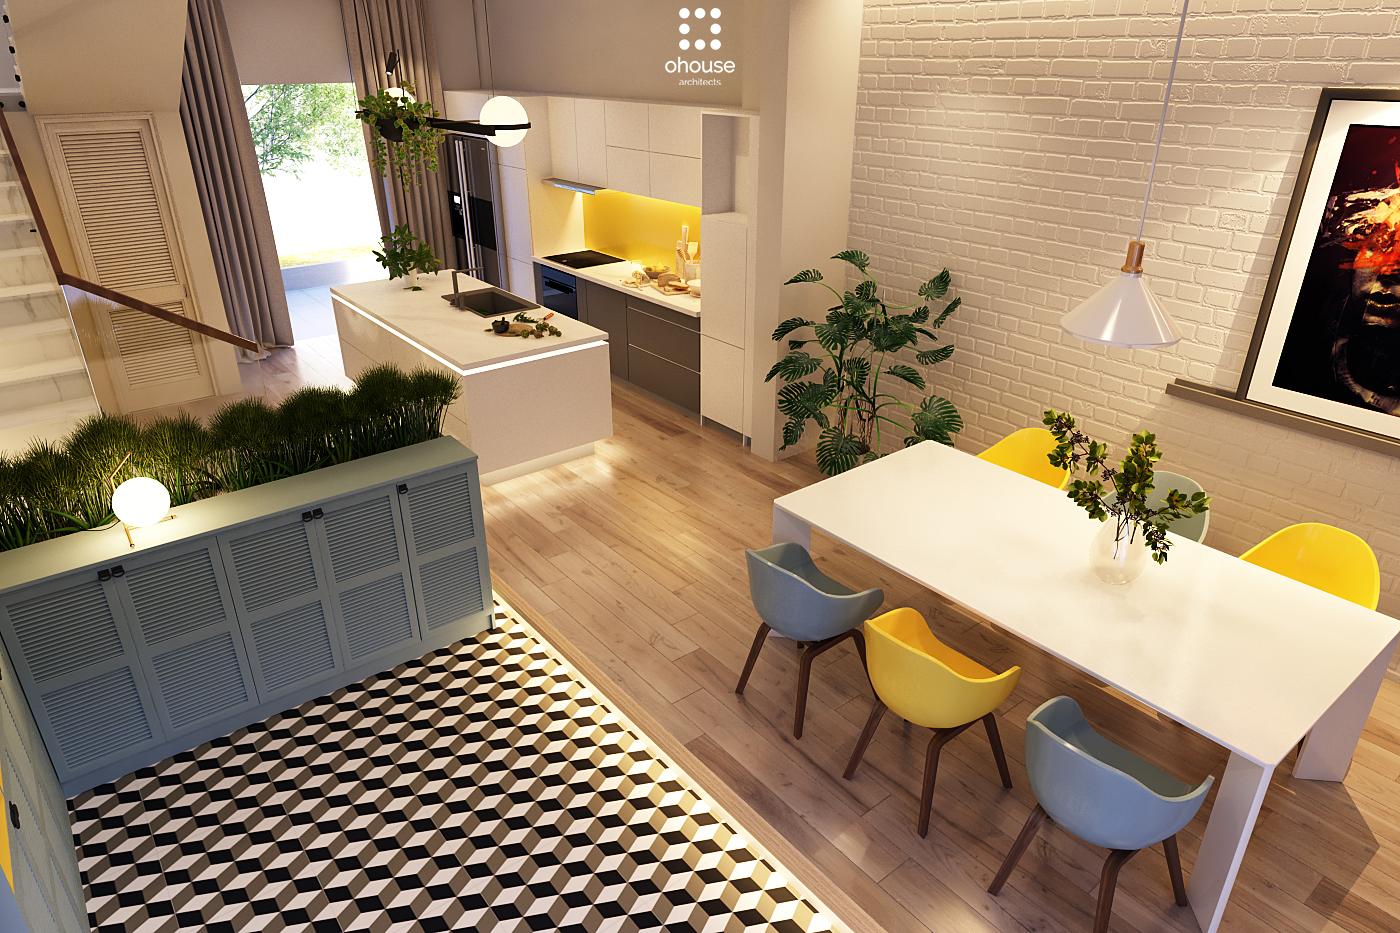 Thiết kế nội thất Nhà Mặt Phố tại Hồ Chí Minh Nội thất Nhà Phố Hà Đô 1590593182 4